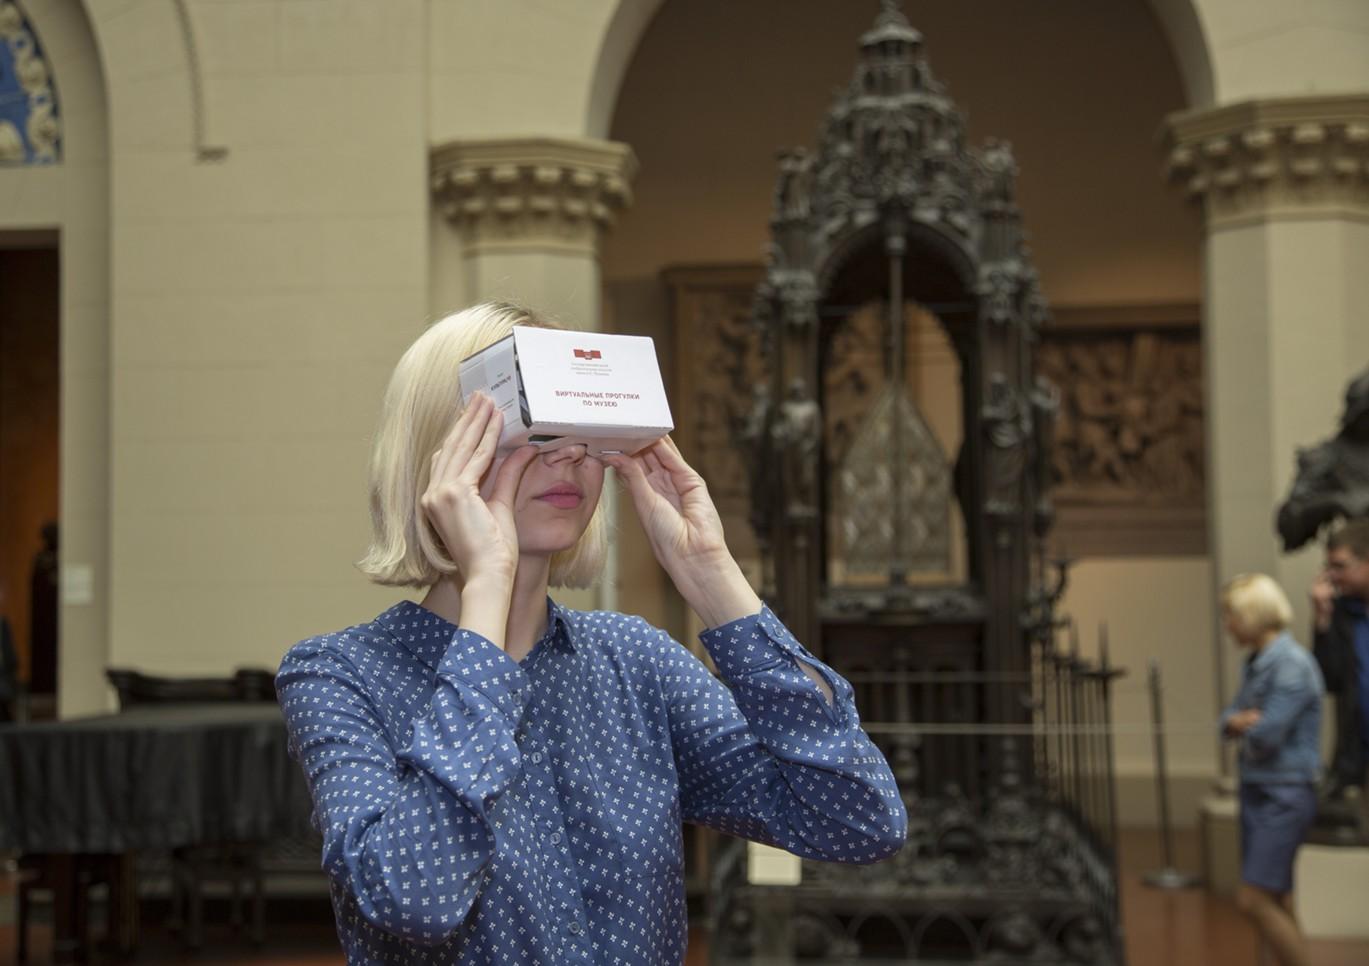 виртуальной реальности в культуре и искусстве